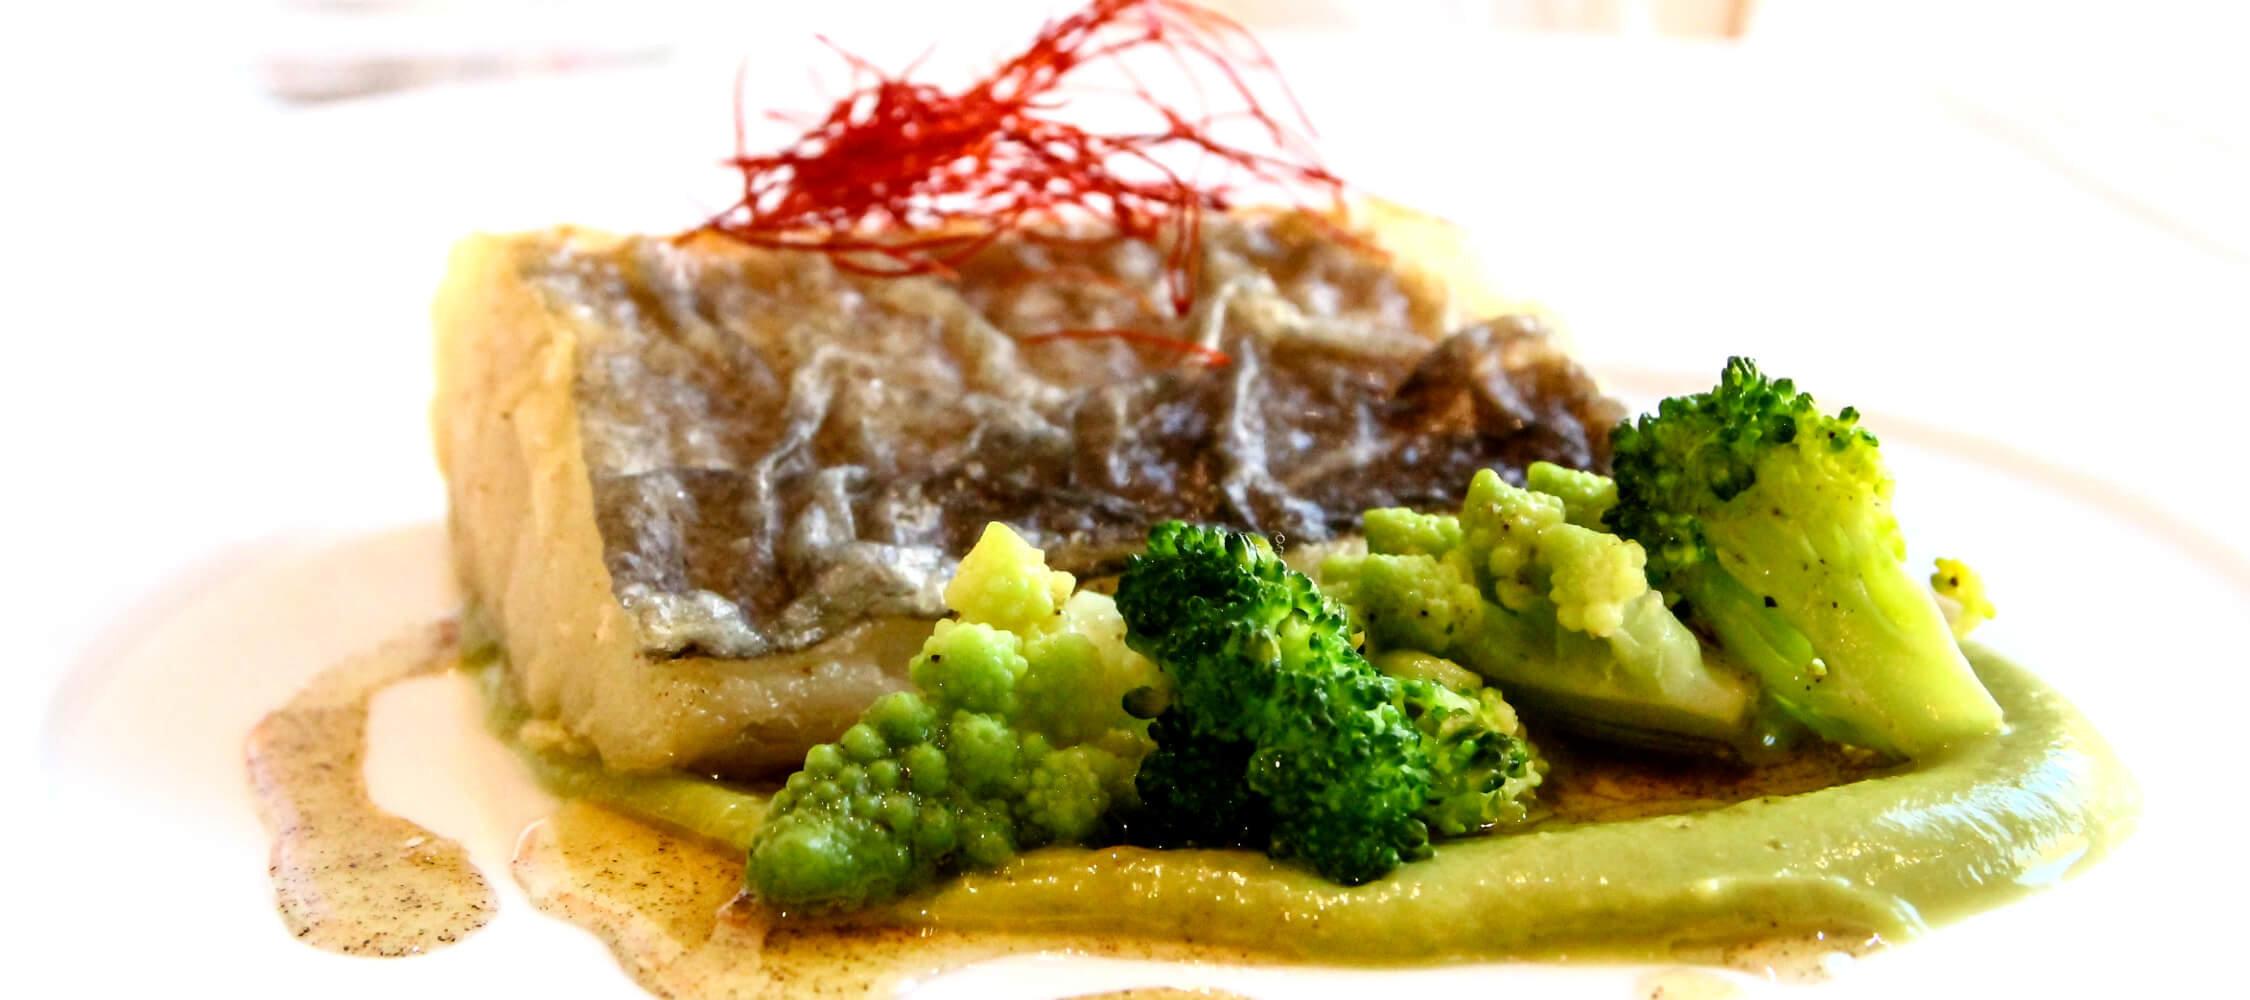 Restaurant_Tapas_Bar_The_Gallery_City_Hotel_Merano_Essen_Fisch_Vorspeise_Hauptspeise_Dinner_Abend_Menu_Anguane_3310_2250x1000